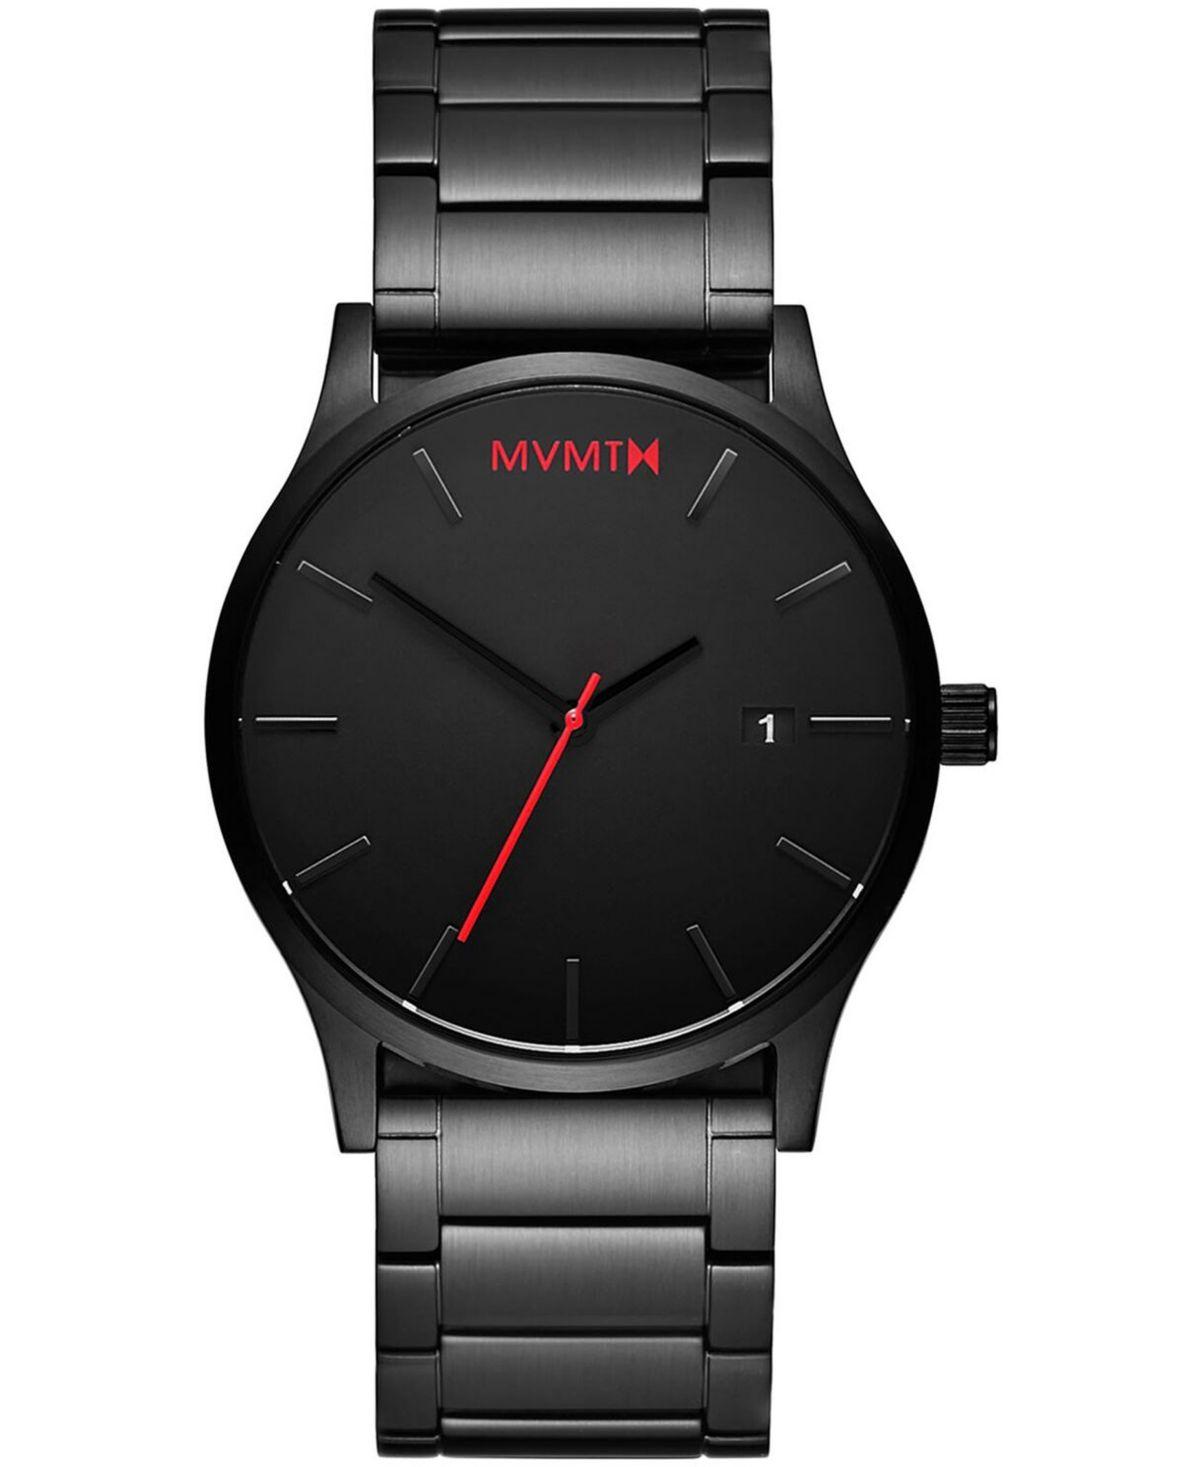 Mvmt Men S Classic Black Stainless Steel Bracelet Watch 45mm Black Black Stainless Steel Bracelet Vintage Watches For Men Watches For Men